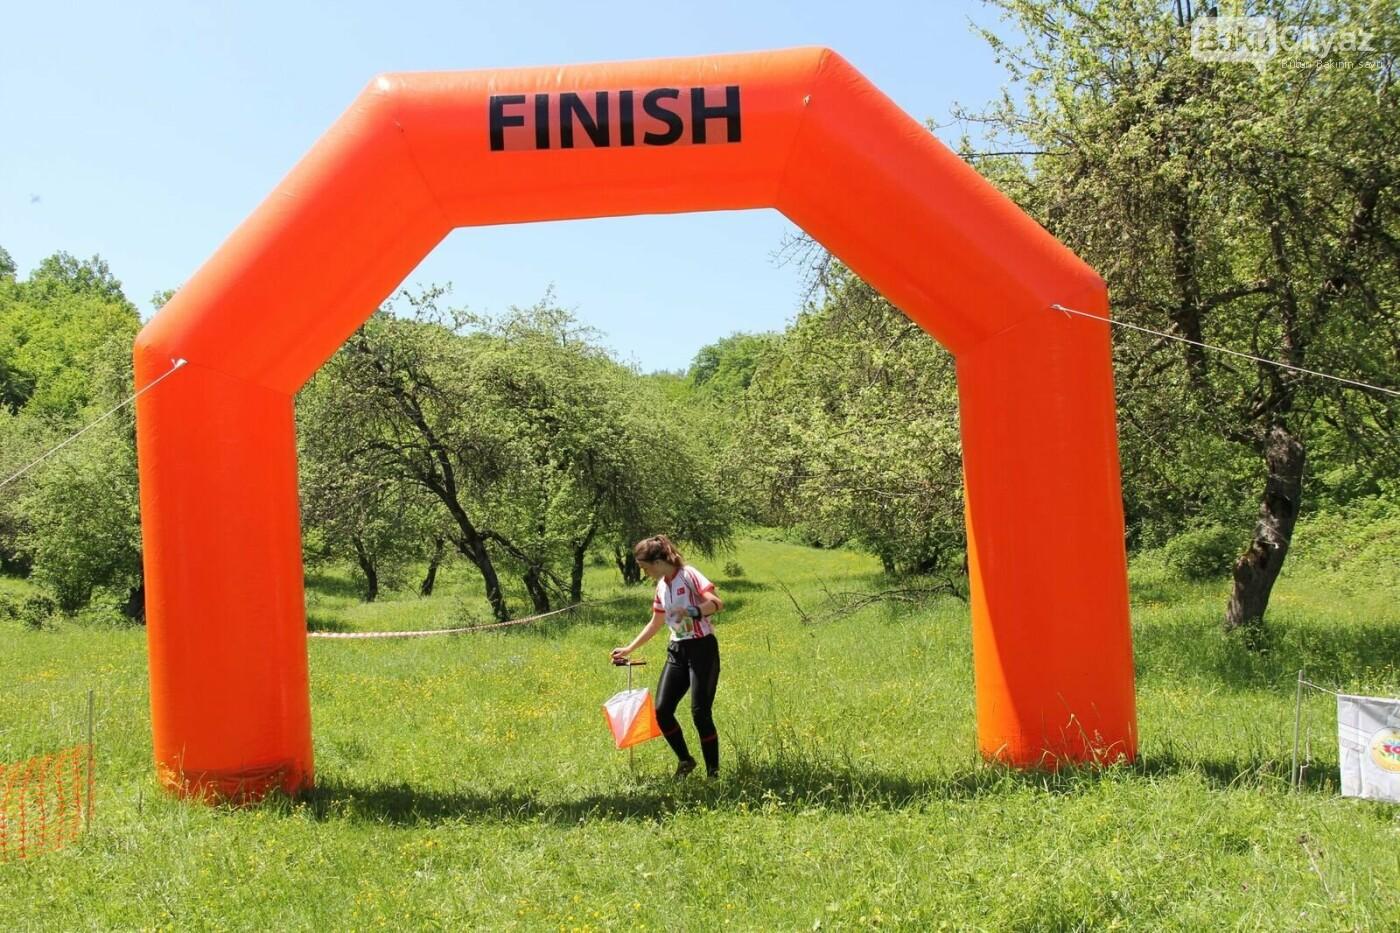 Bakıda Səmti müəyyənetmə üzrə Beynəlxalq yarış keçirilib - FOTO, fotoşəkil-9